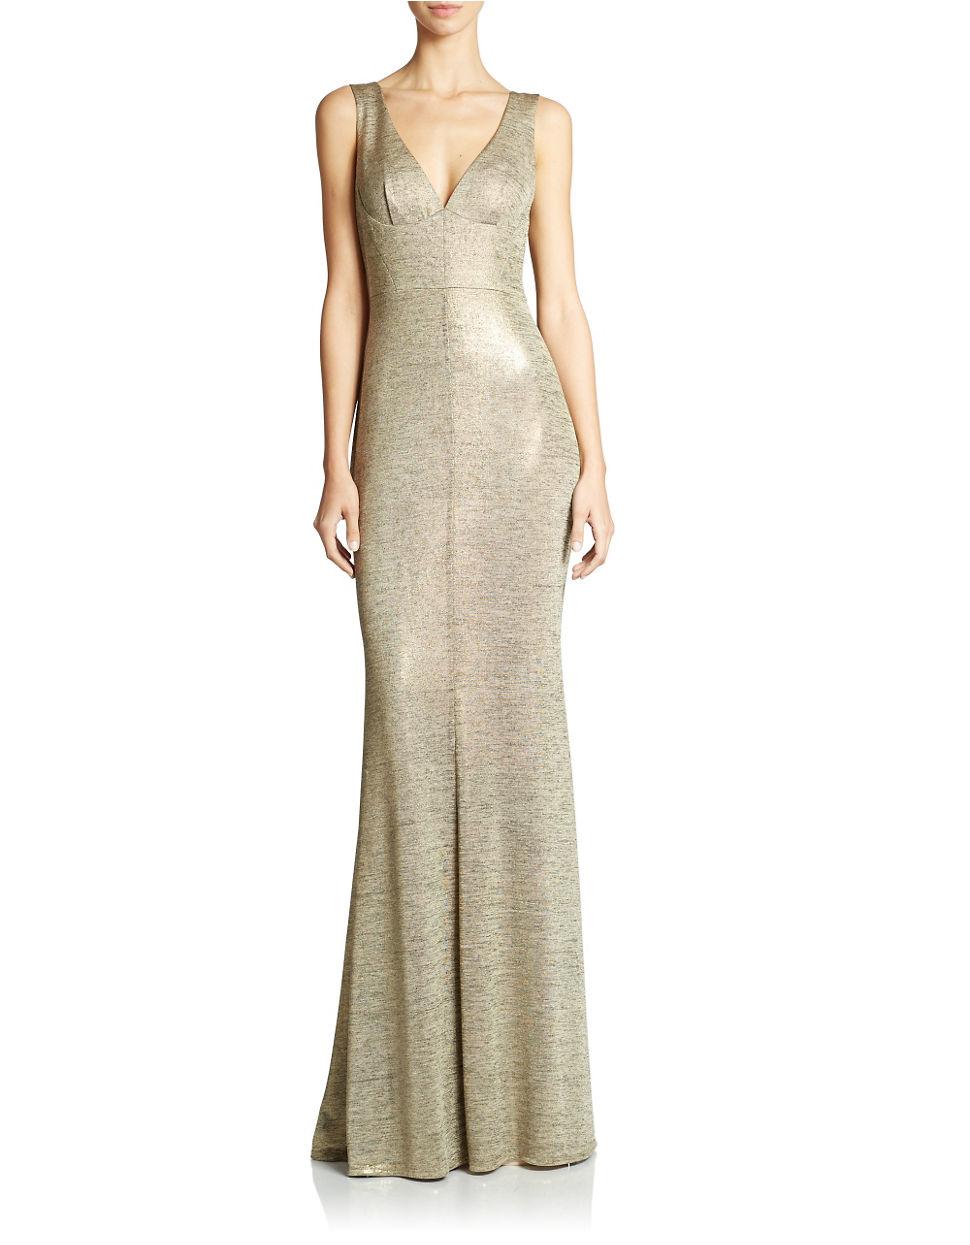 Lyst Abs By Allen Schwartz V Neck Metallic Gown In Metallic